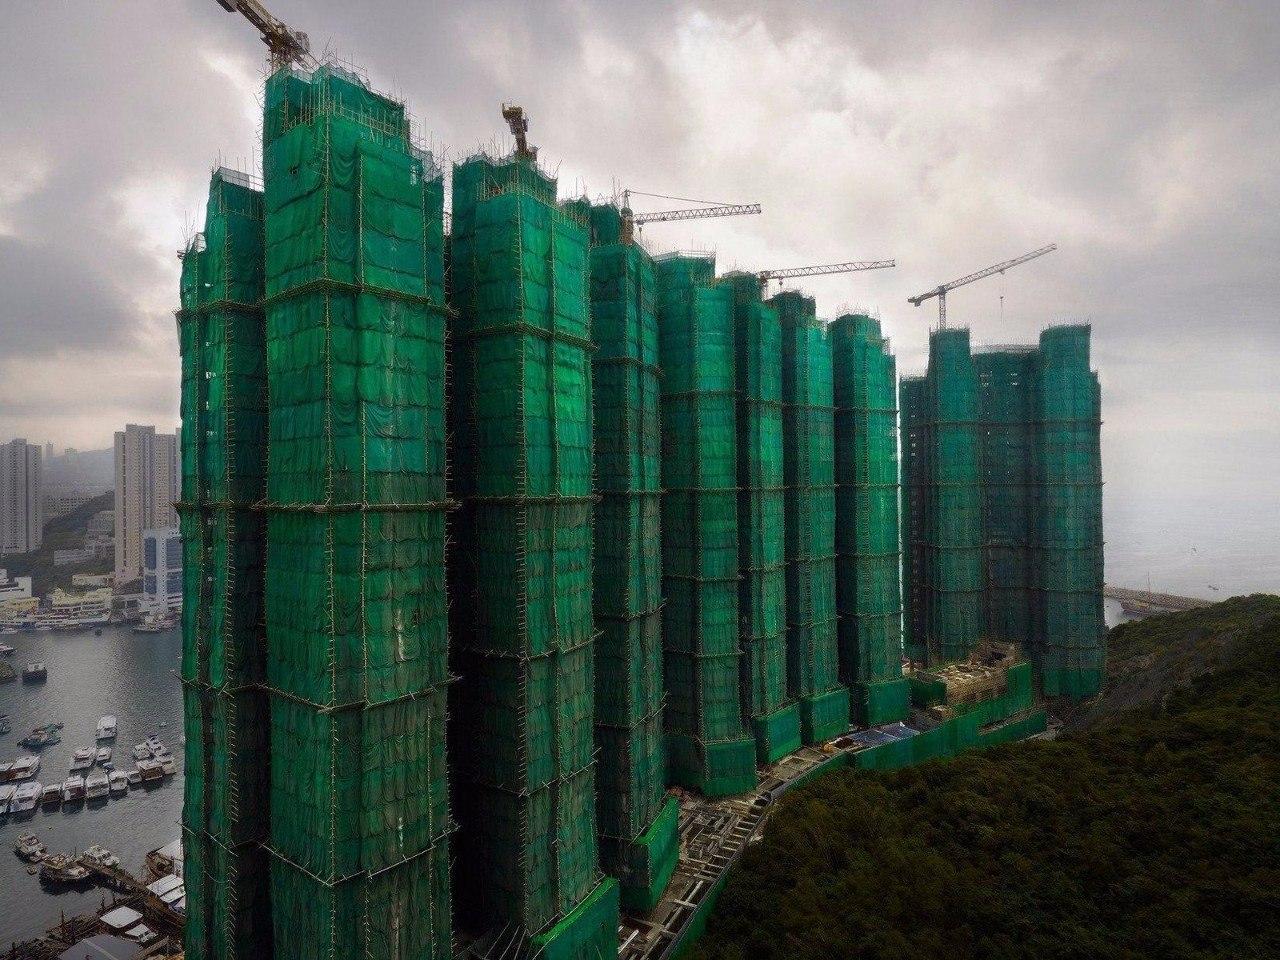 Реконструкция зданий в Гонконге